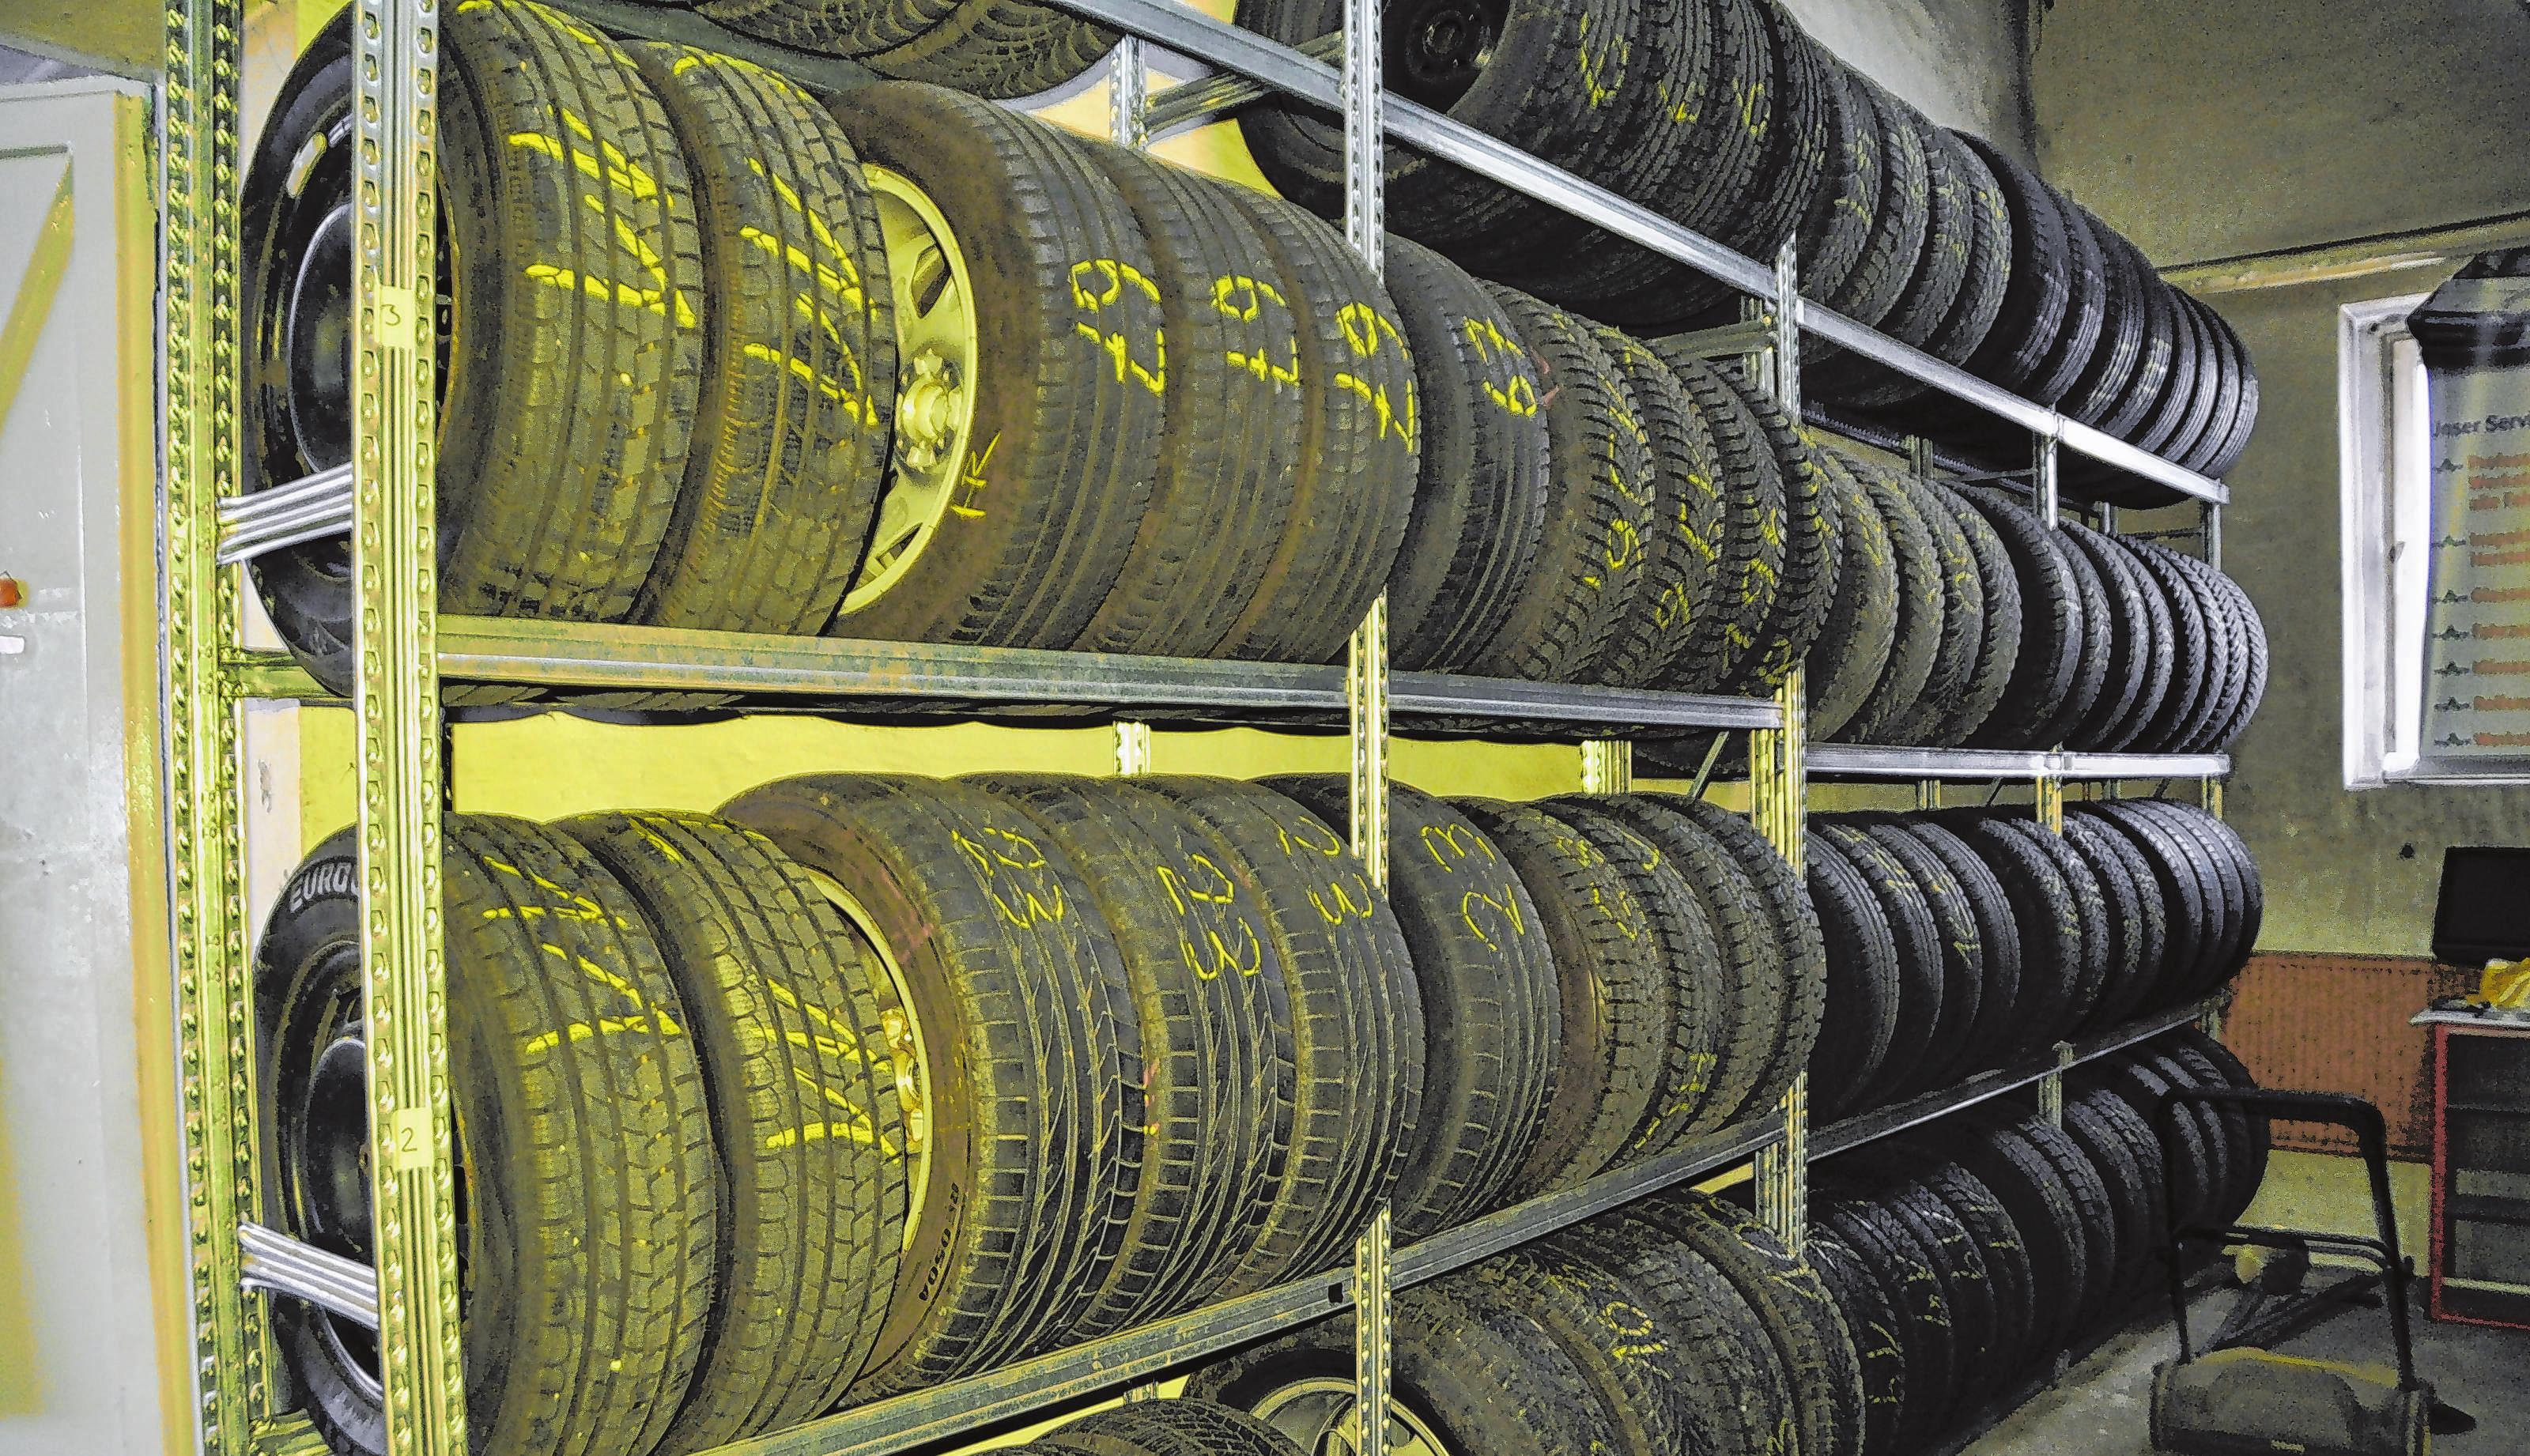 Im Lager werden die Reifensätze der Kunden fachgerecht sowie gesäubert und ausgewuchtet bis zum nächsten Wechsel aufbewahrt.